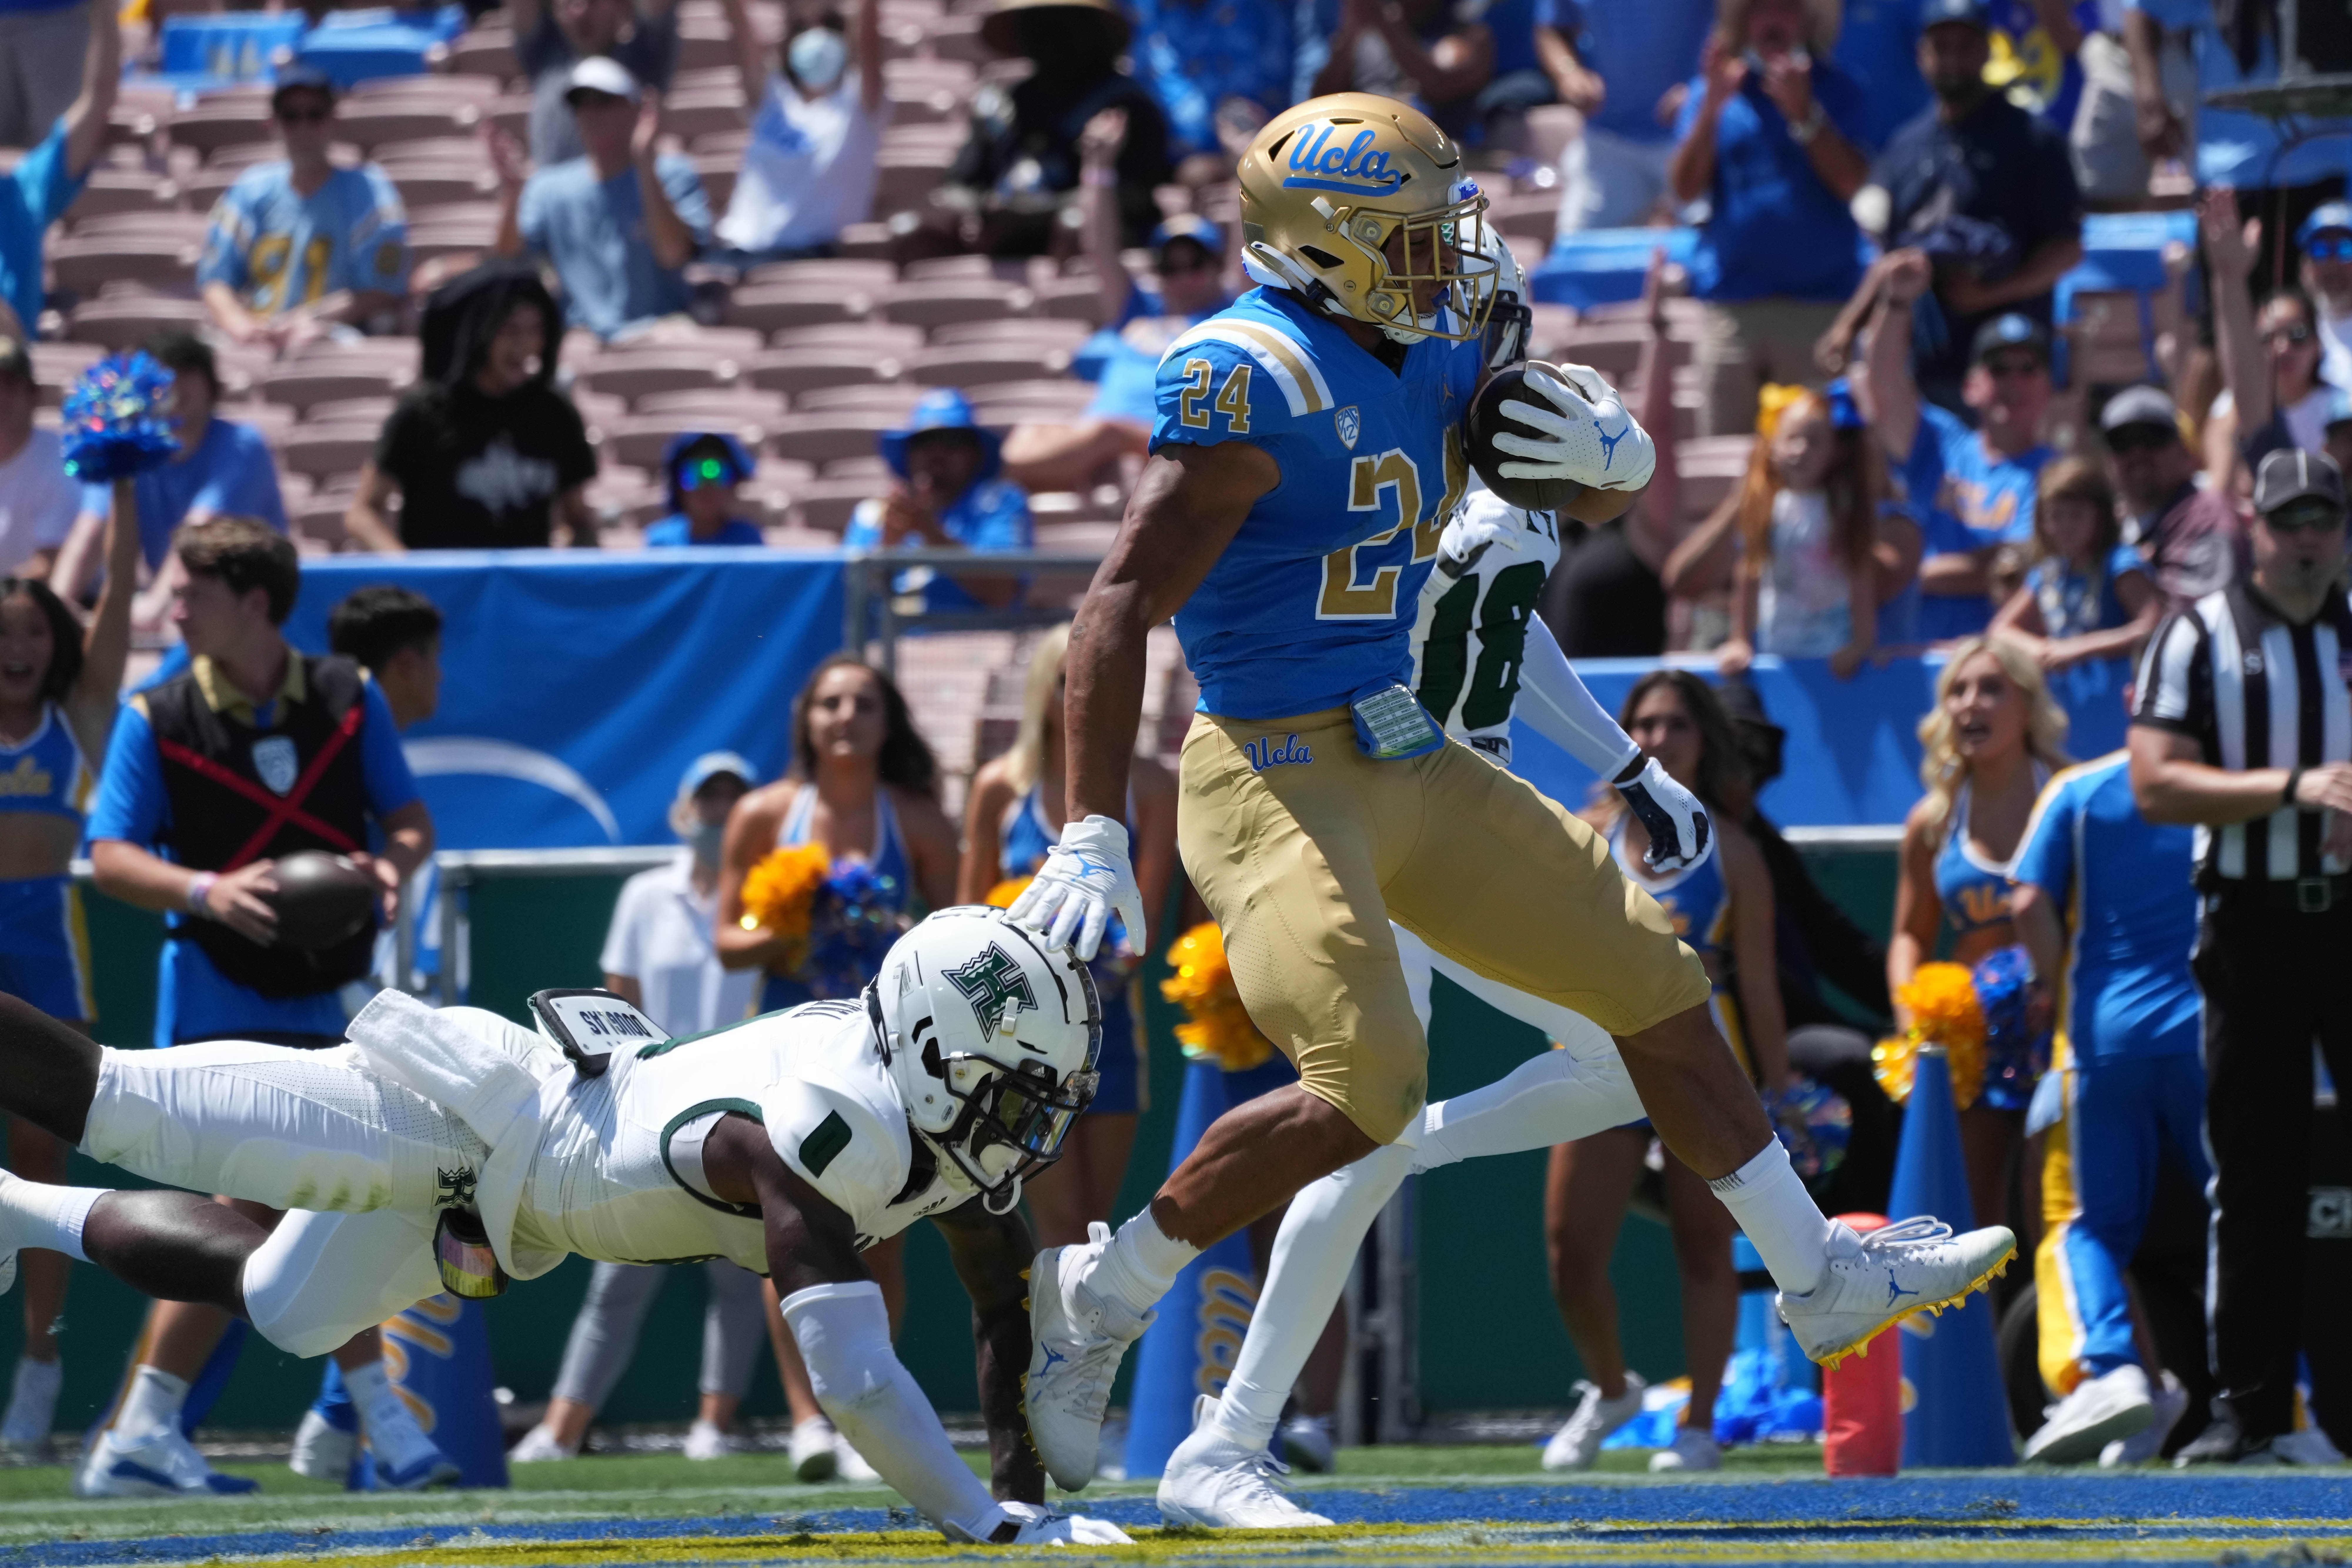 College football winners and losers: Illinois surprises, UCLA rolls, Nebraska falls again